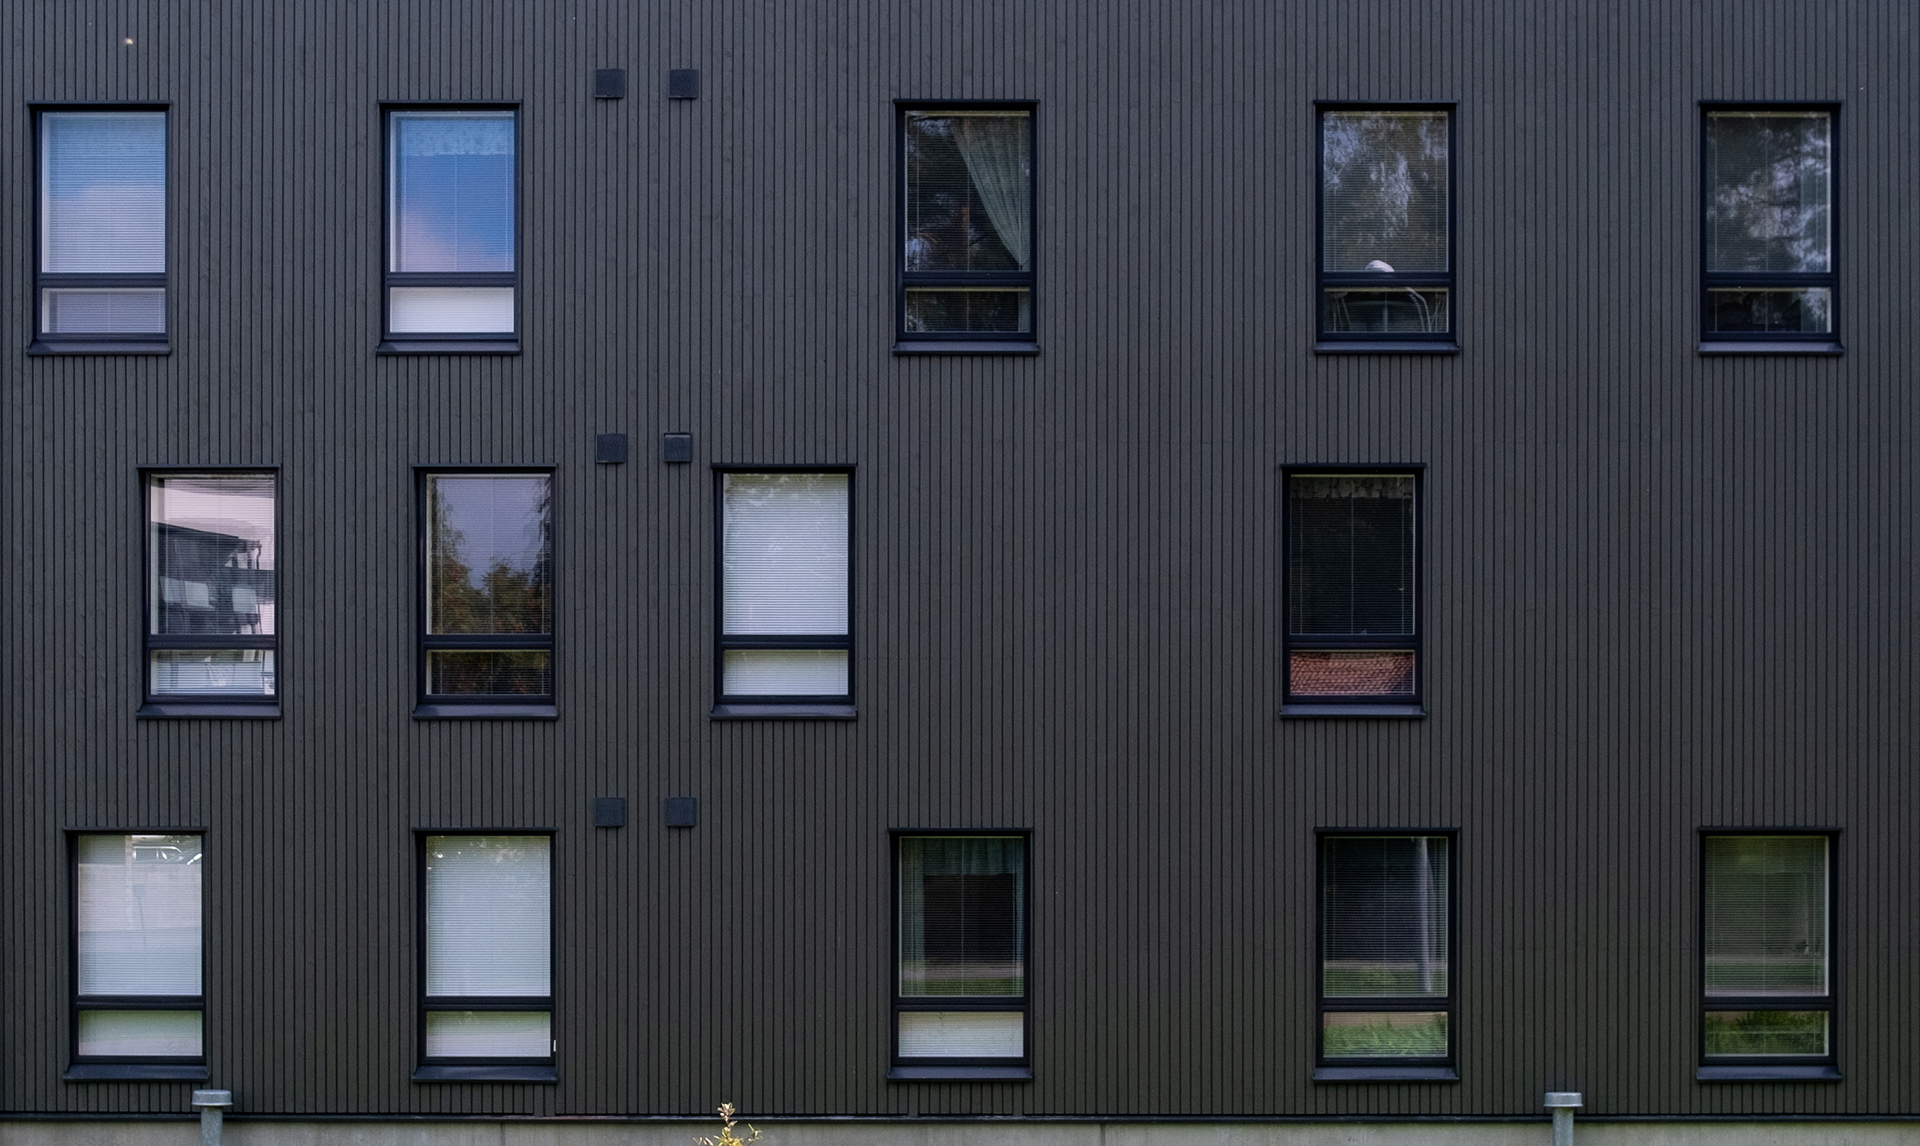 Osmankäämin ja Järvikaislan monimuotoiset ikkunasommitelmat